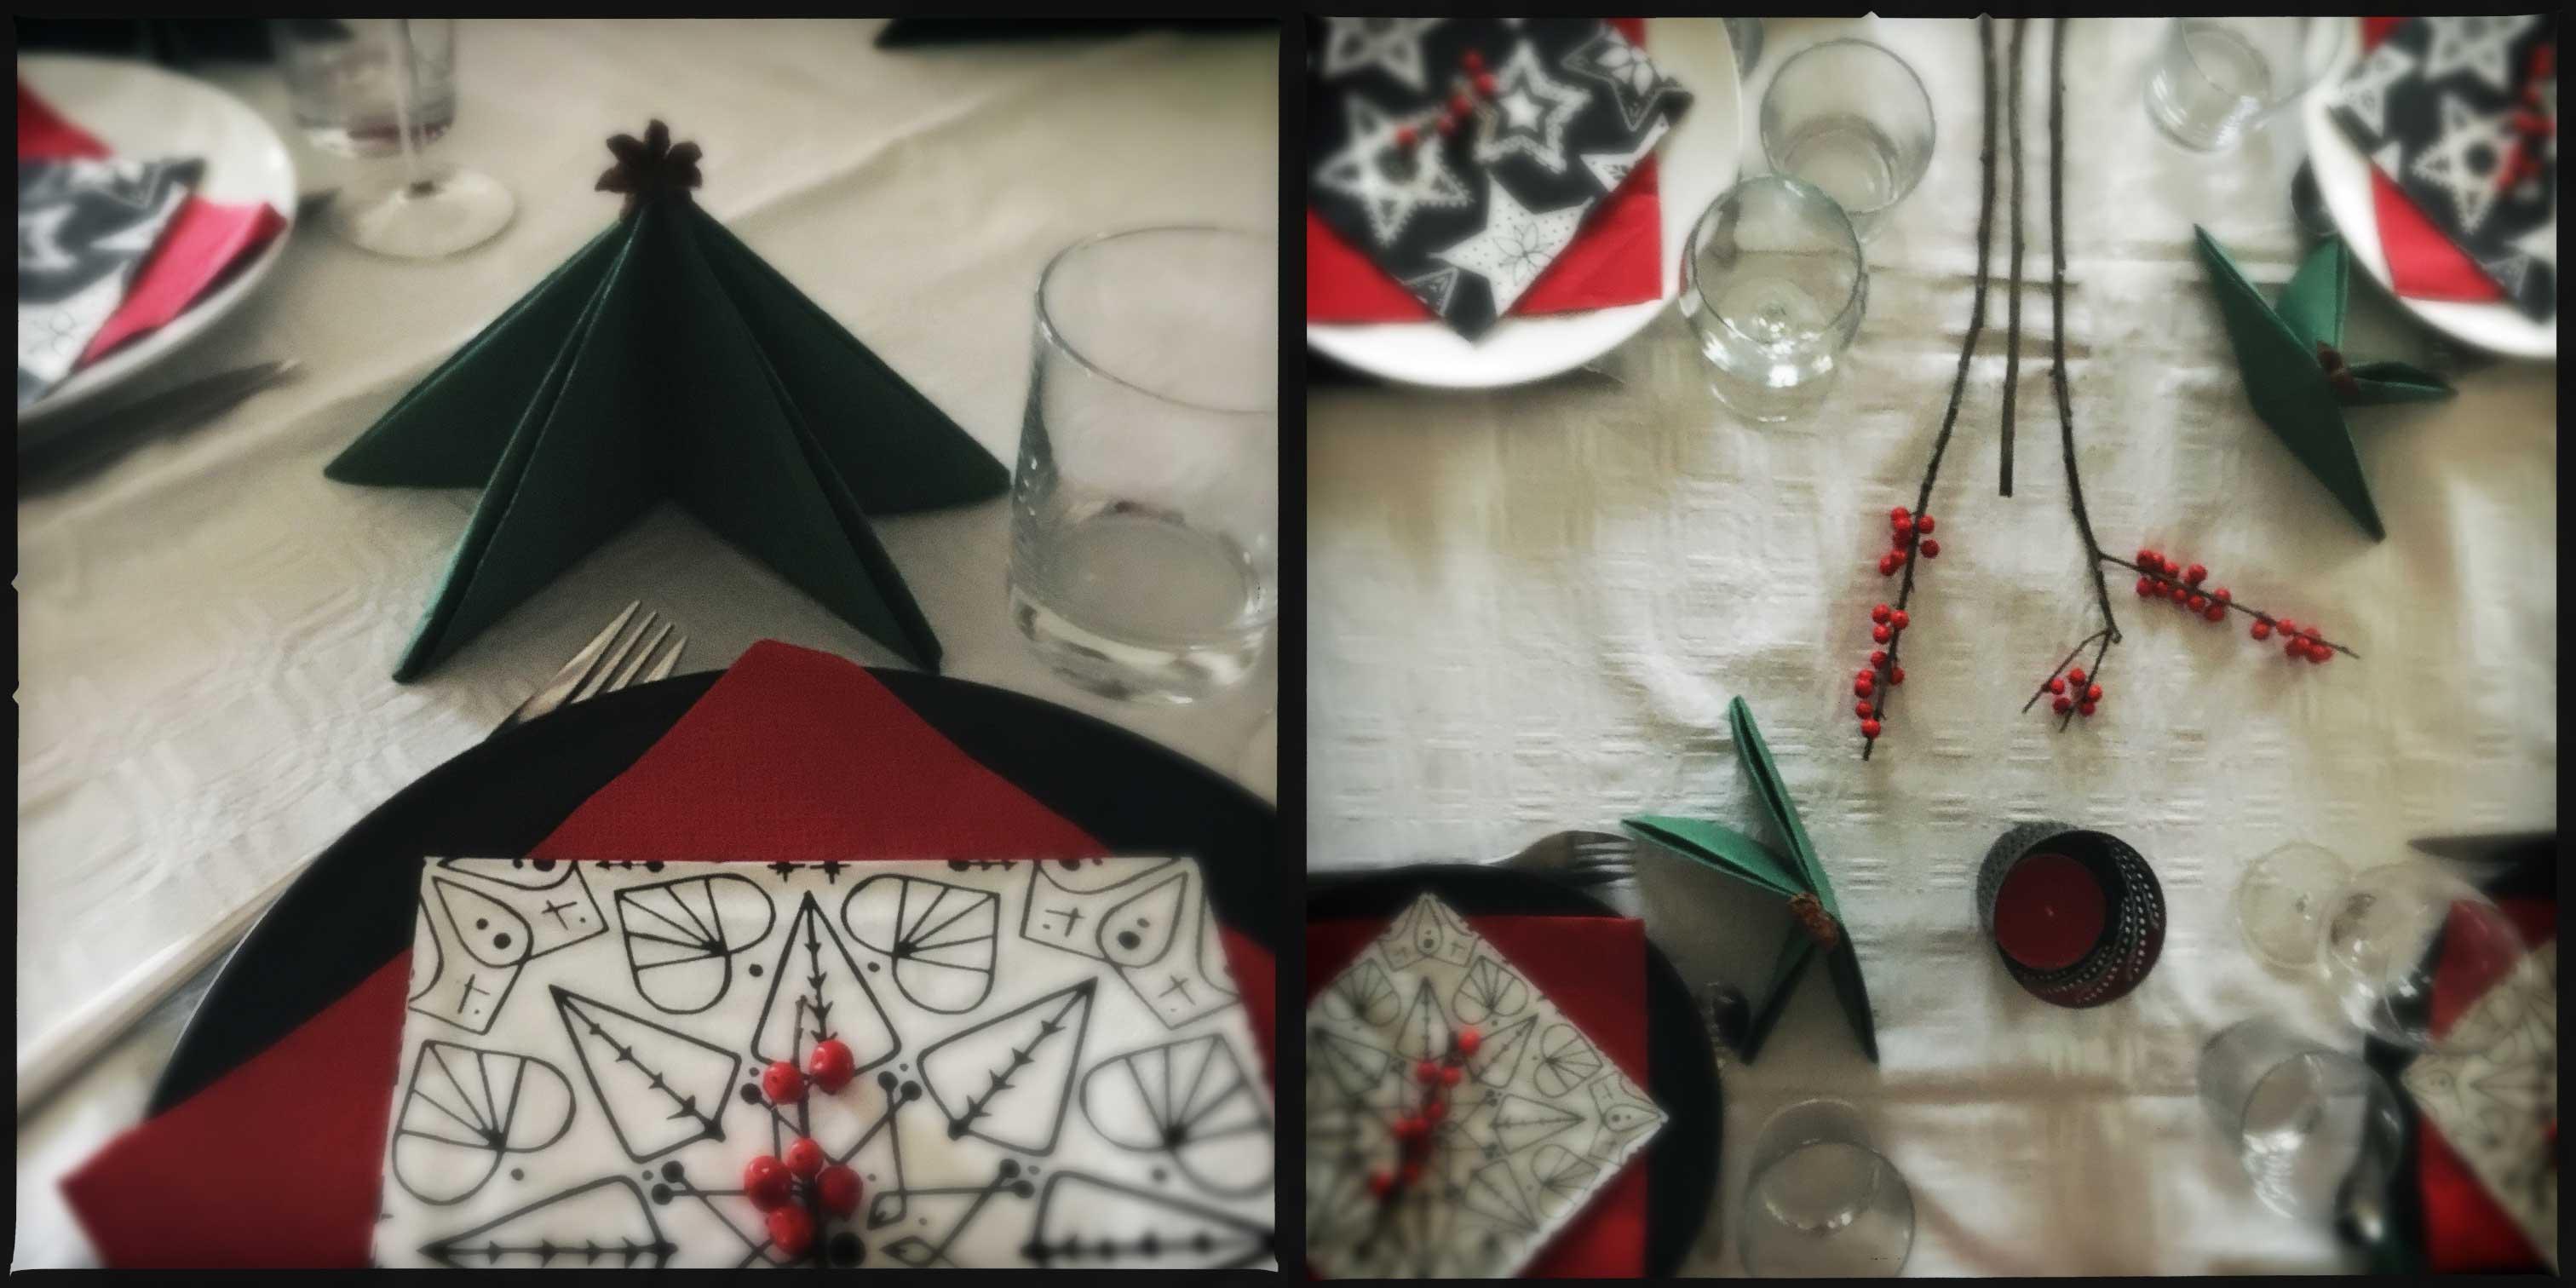 Pranzo di natale la tavola tu porta da bere - Porta formaggio ikea ...